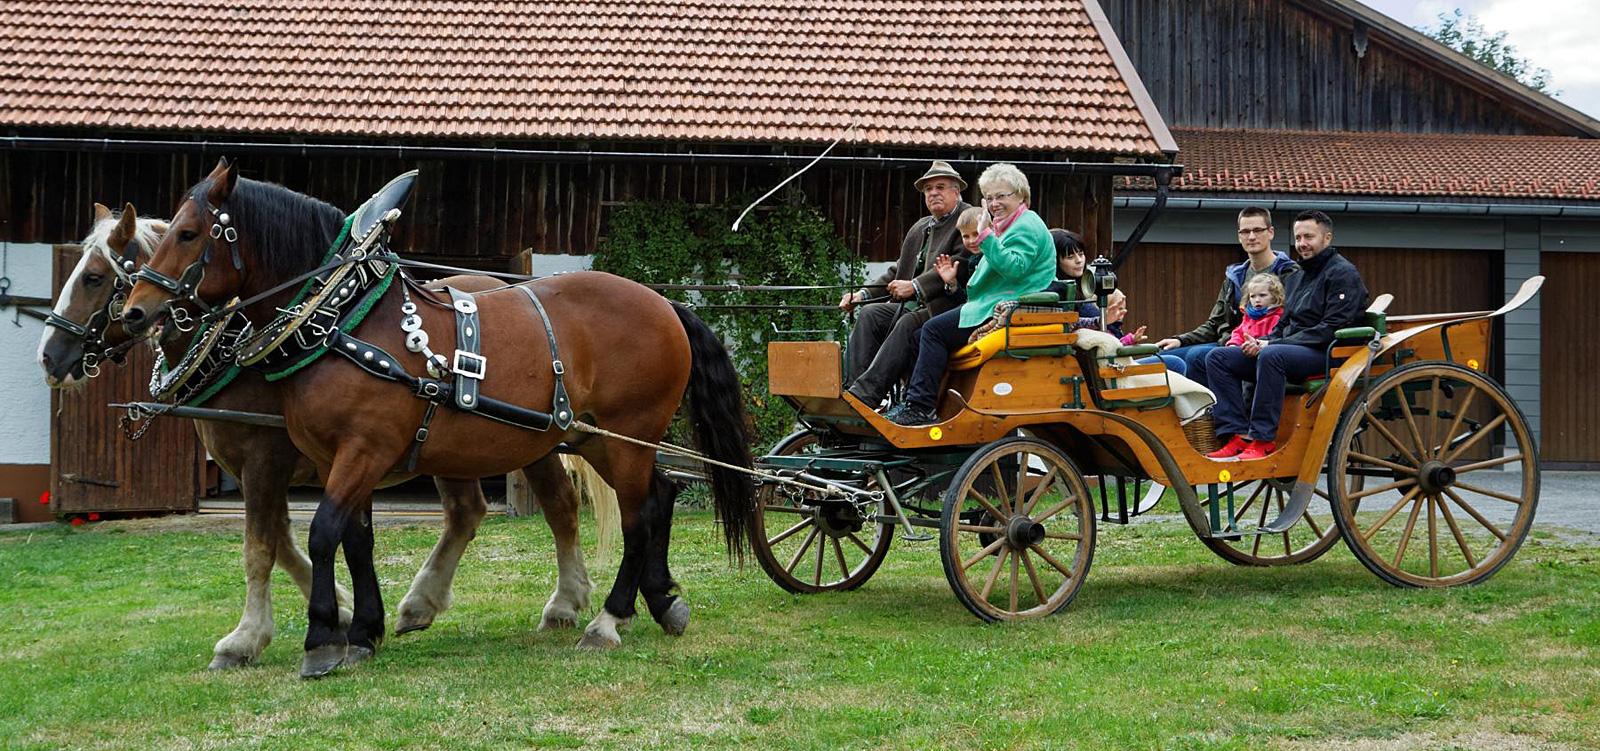 Kutschfahrten im Bayerischen Wald